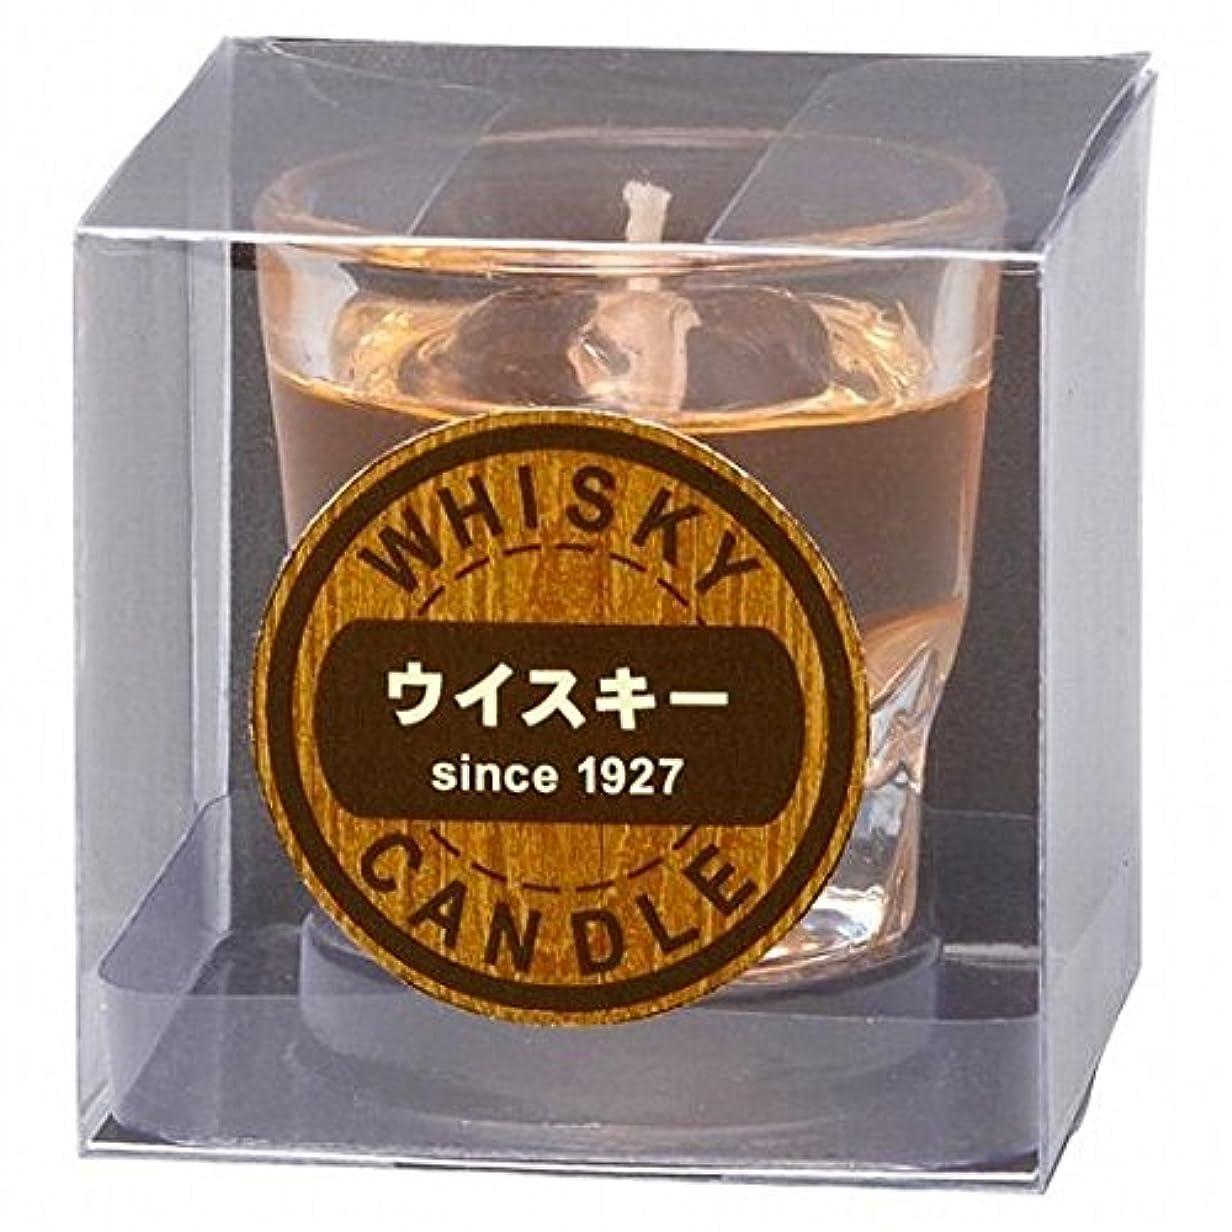 書誌薄暗い笑kameyama candle(カメヤマキャンドル) ウイスキーロックキャンドル(86170000)